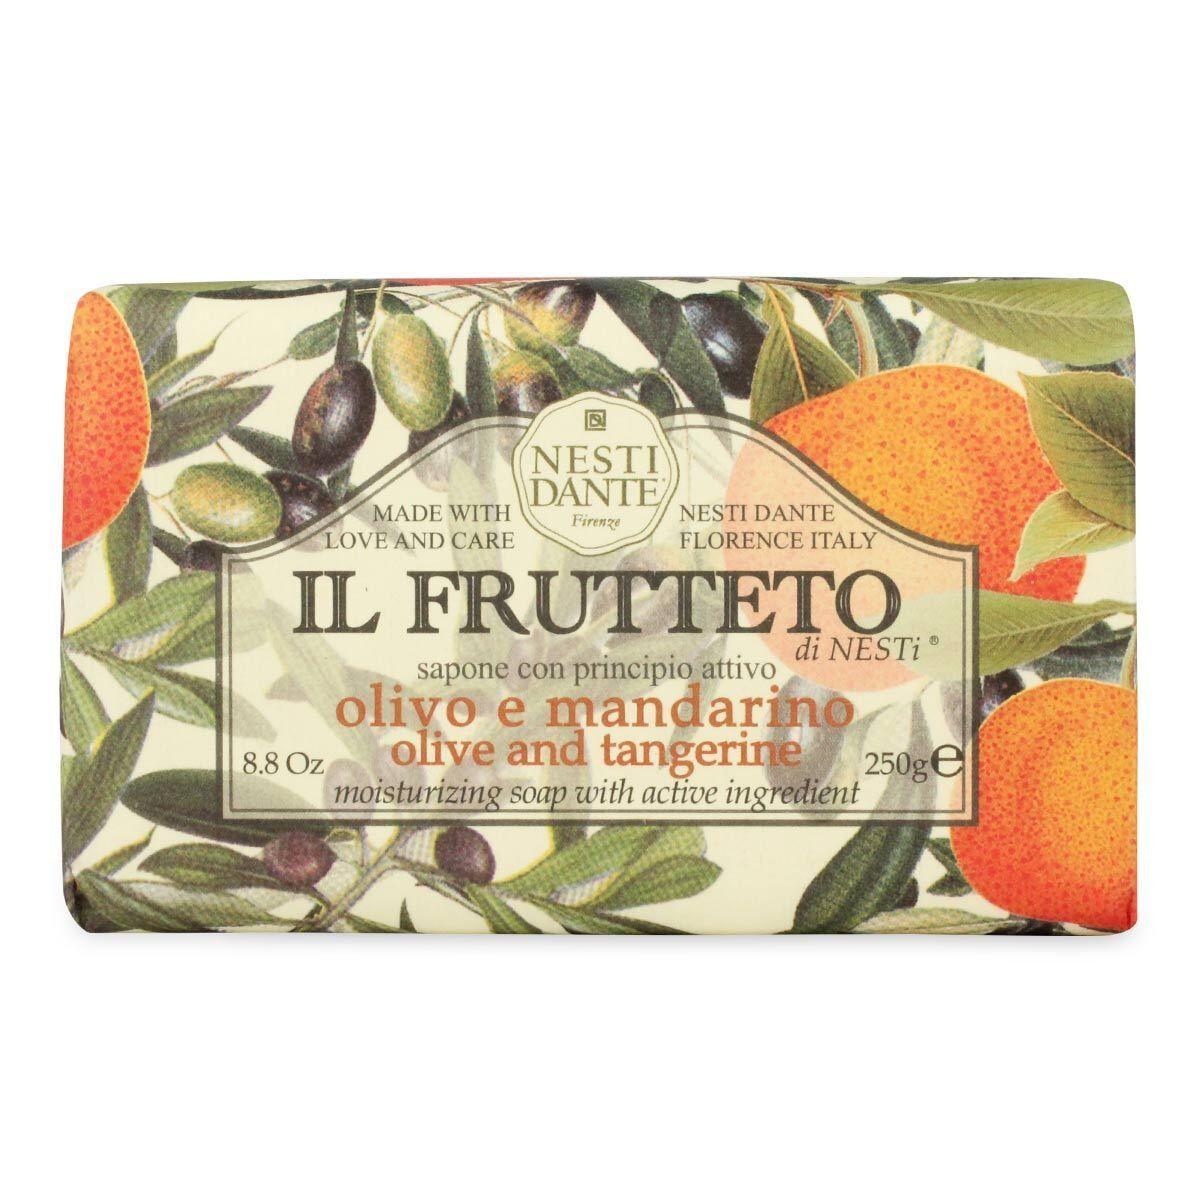 Nesti Dante - Olive Oil amp; Tangerine Soap